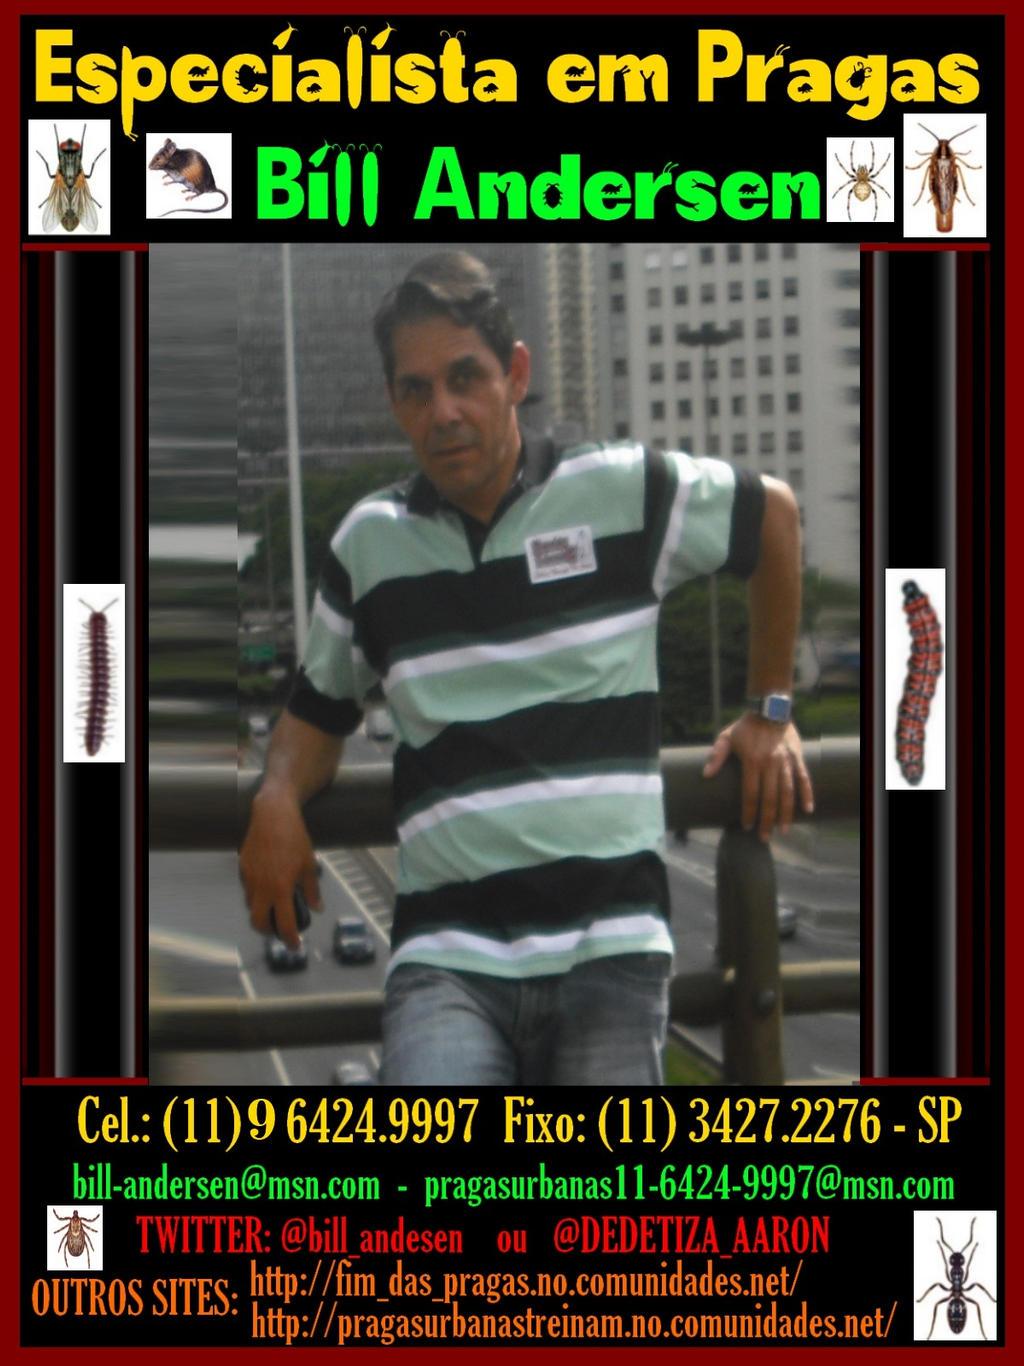 11-96424.9997-Pragas de A a Z-Bill-A